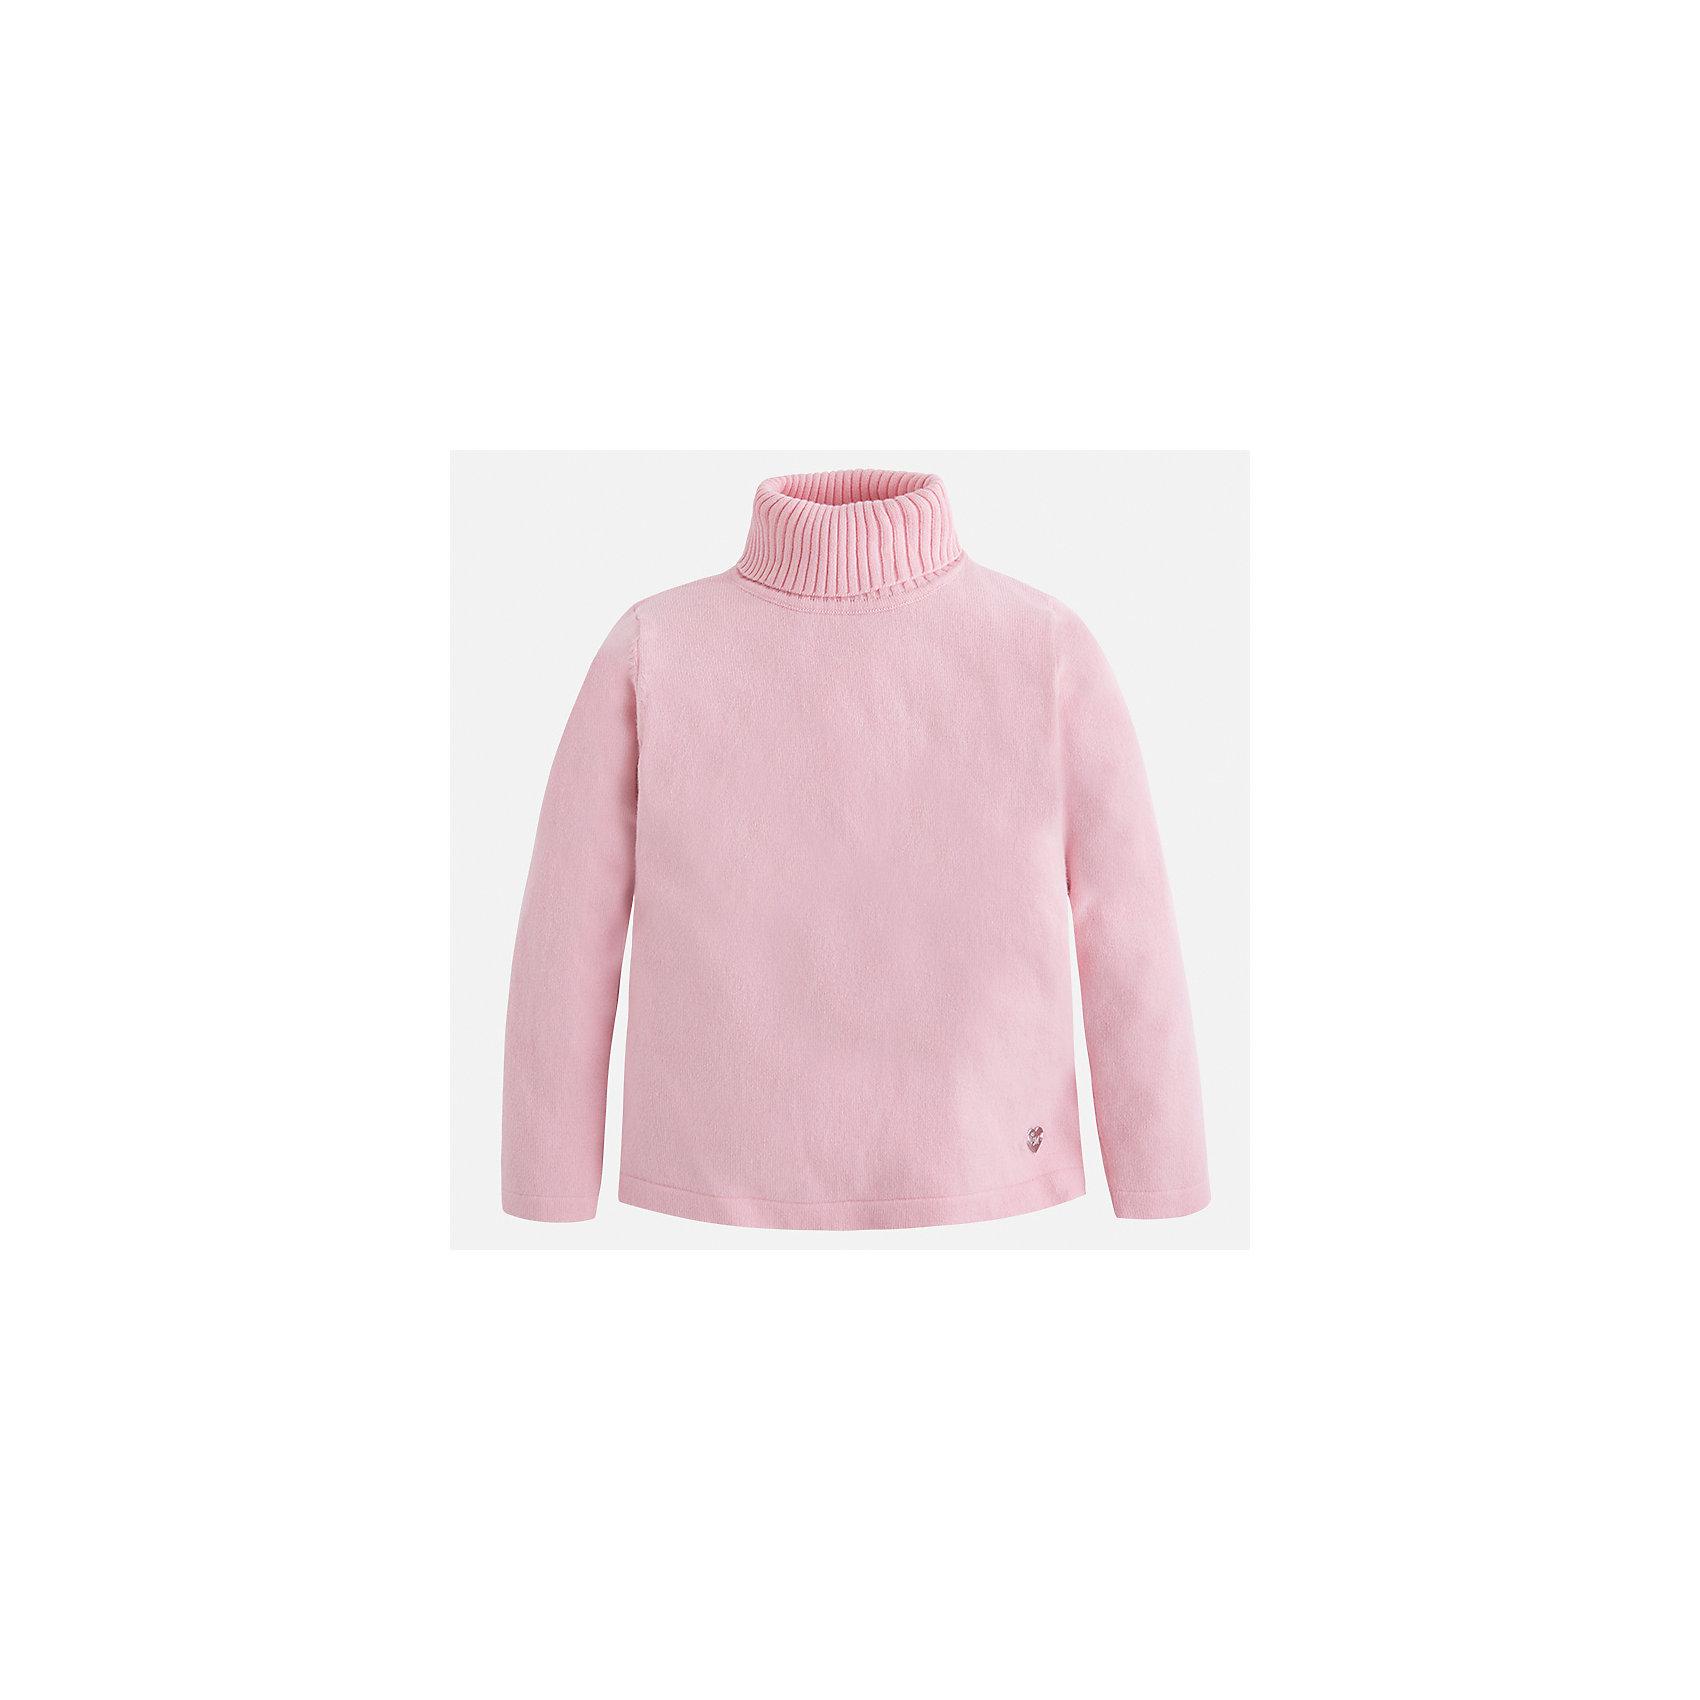 Водолазка Mayoral для девочкиВодолазки<br>Характеристики товара:<br><br>• цвет: розовый<br>• состав ткани: 80% хлопок, 17% полиамид, 3% эластан<br>• сезон: демисезон<br>• особенности: высокий ворот<br>• длинные рукава<br>• страна бренда: Испания<br>• страна изготовитель: Индия<br><br>Детский свитер сделан из дышащего приятного на ощупь материала. Благодаря продуманному крою детского свитера создаются комфортные условия для тела. Свитер с высоким воротом для девочки отличается стильным продуманным дизайном.<br><br>Свитер для девочки Mayoral (Майорал) можно купить в нашем интернет-магазине.<br><br>Ширина мм: 190<br>Глубина мм: 74<br>Высота мм: 229<br>Вес г: 236<br>Цвет: розовый<br>Возраст от месяцев: 84<br>Возраст до месяцев: 96<br>Пол: Женский<br>Возраст: Детский<br>Размер: 128,134,122,116,110,104,98,92<br>SKU: 6919892